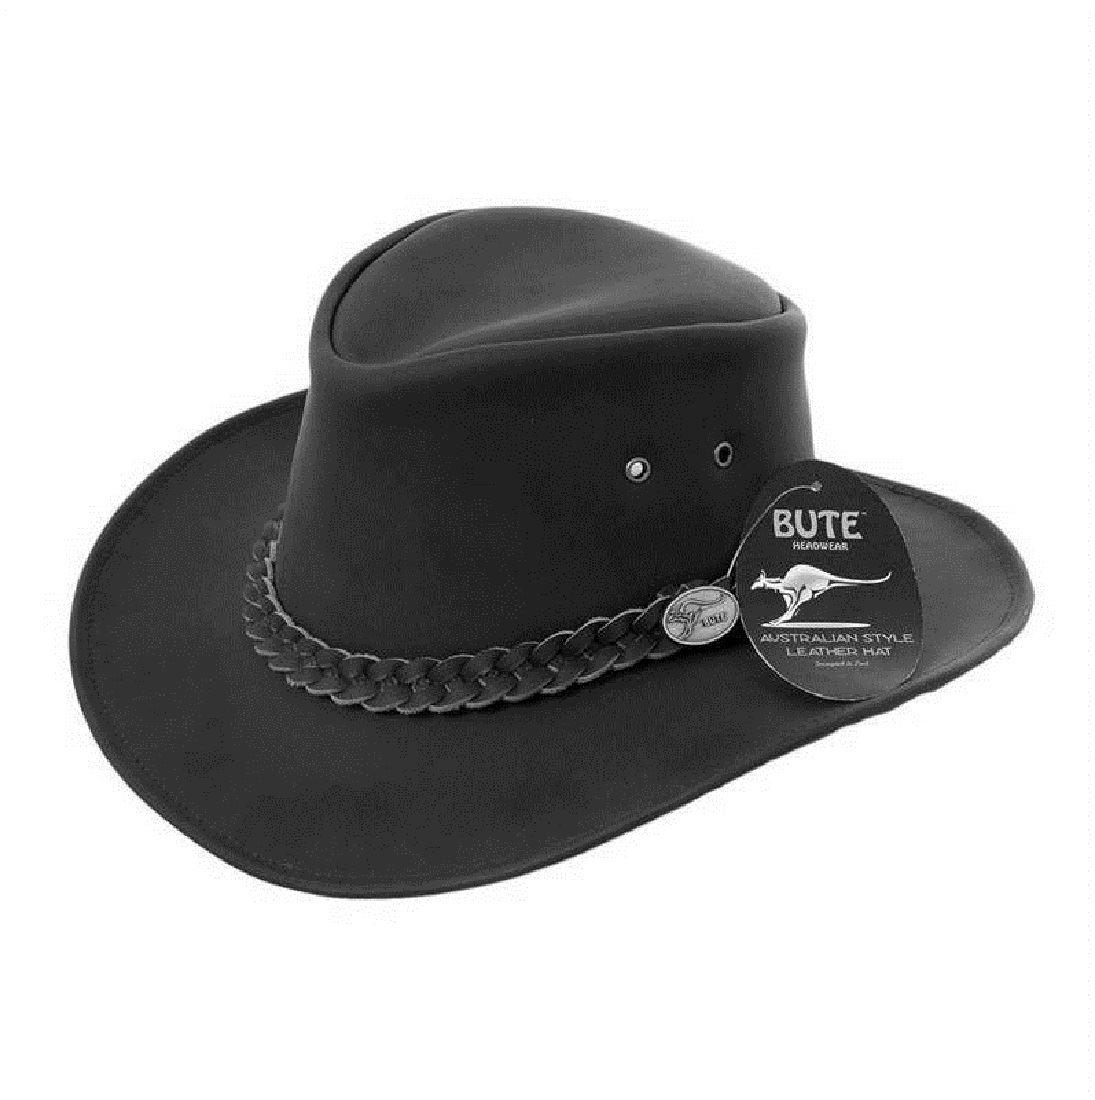 Sombreros Vaqueros Para Hombre | www.imgkid.com - The ...